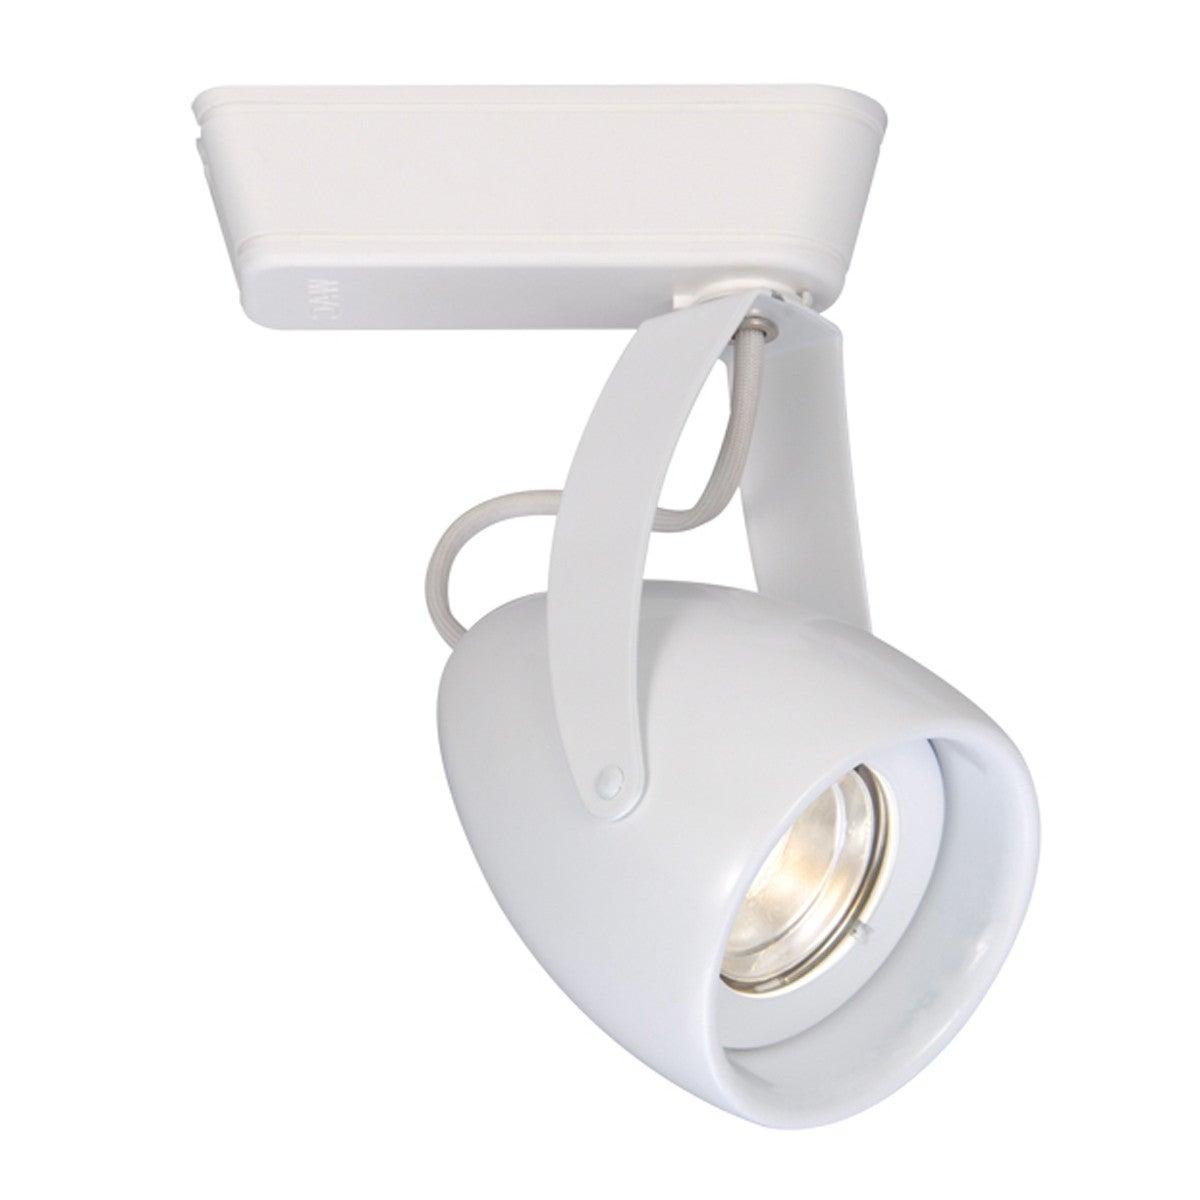 Wac lighting j led820f impulse j track 8 tall led track head 40 flood beam spread and 23 watts n a